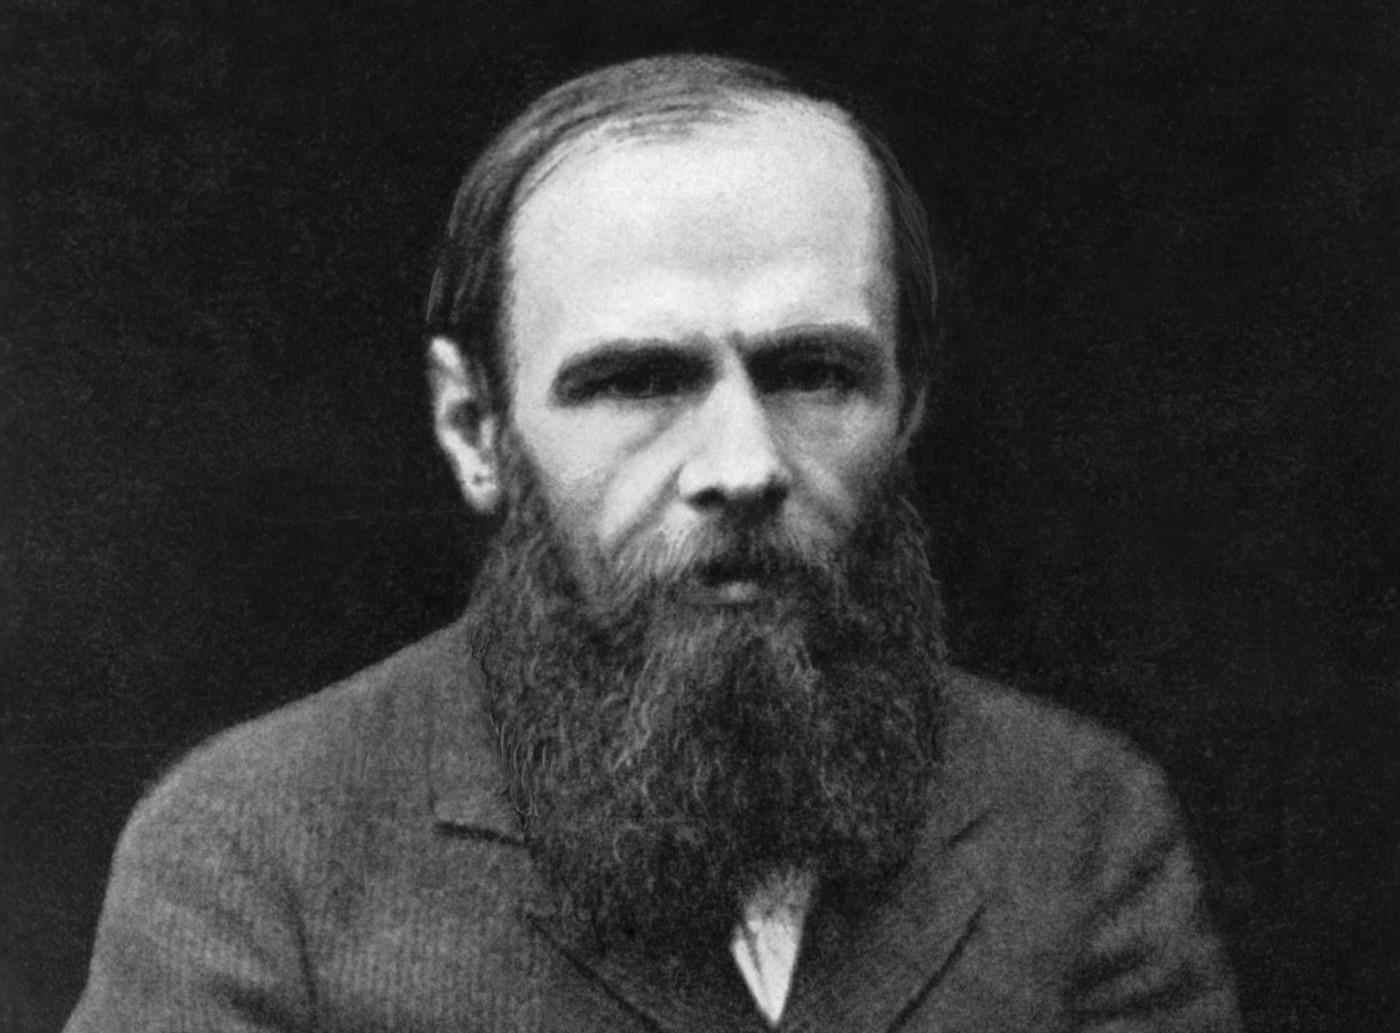 Dostoievski a fost interzis în Kuwait, la fel şi Hugo şi Garcia Marquez